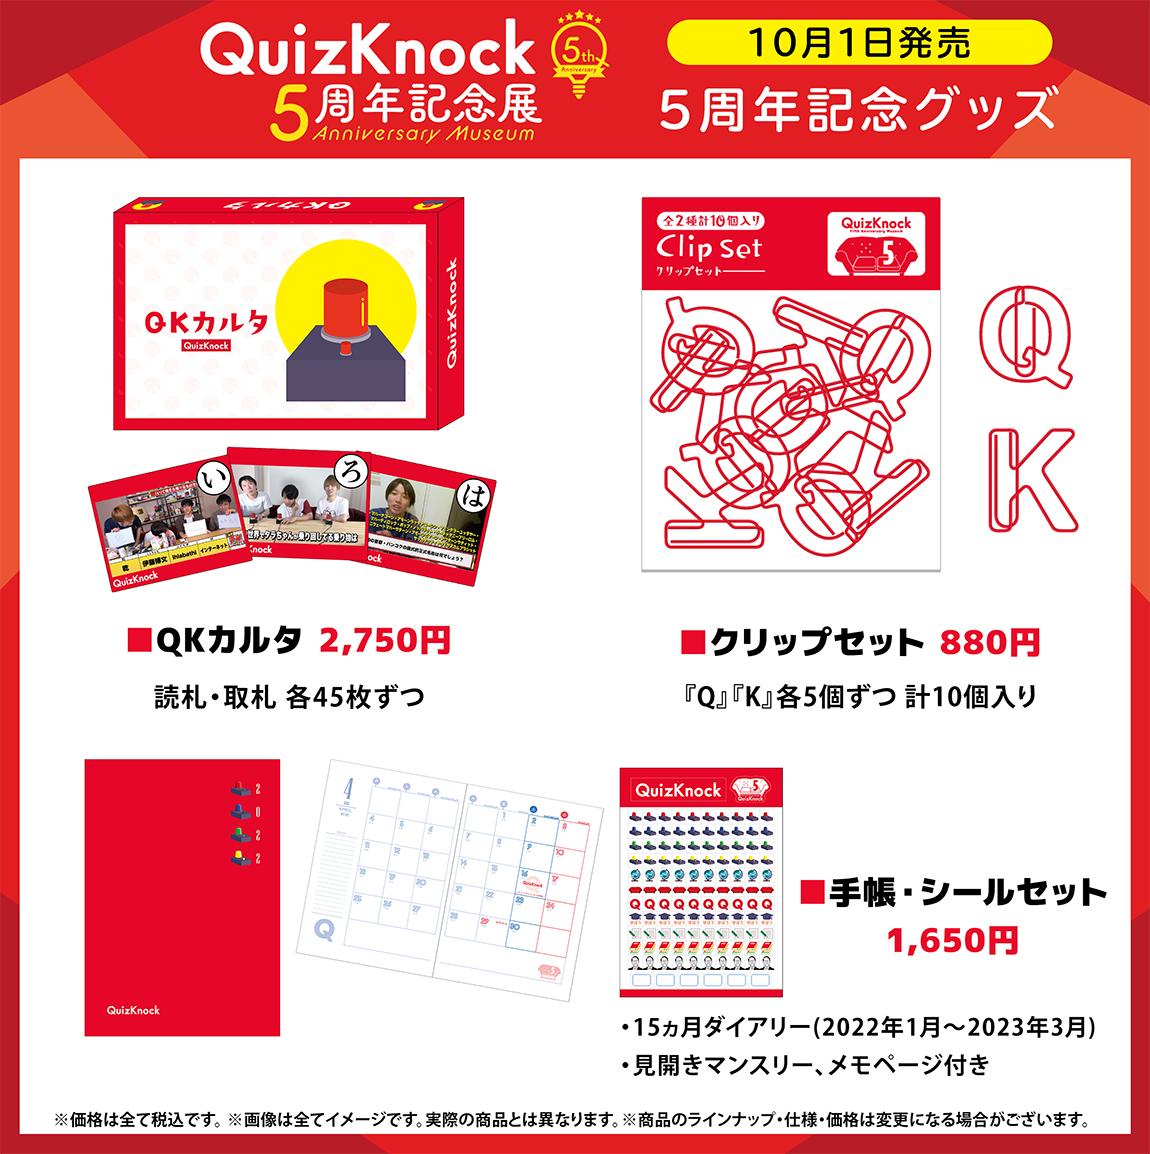 QuizKnock5周年記念グッズ 10月1日(金)発売商品